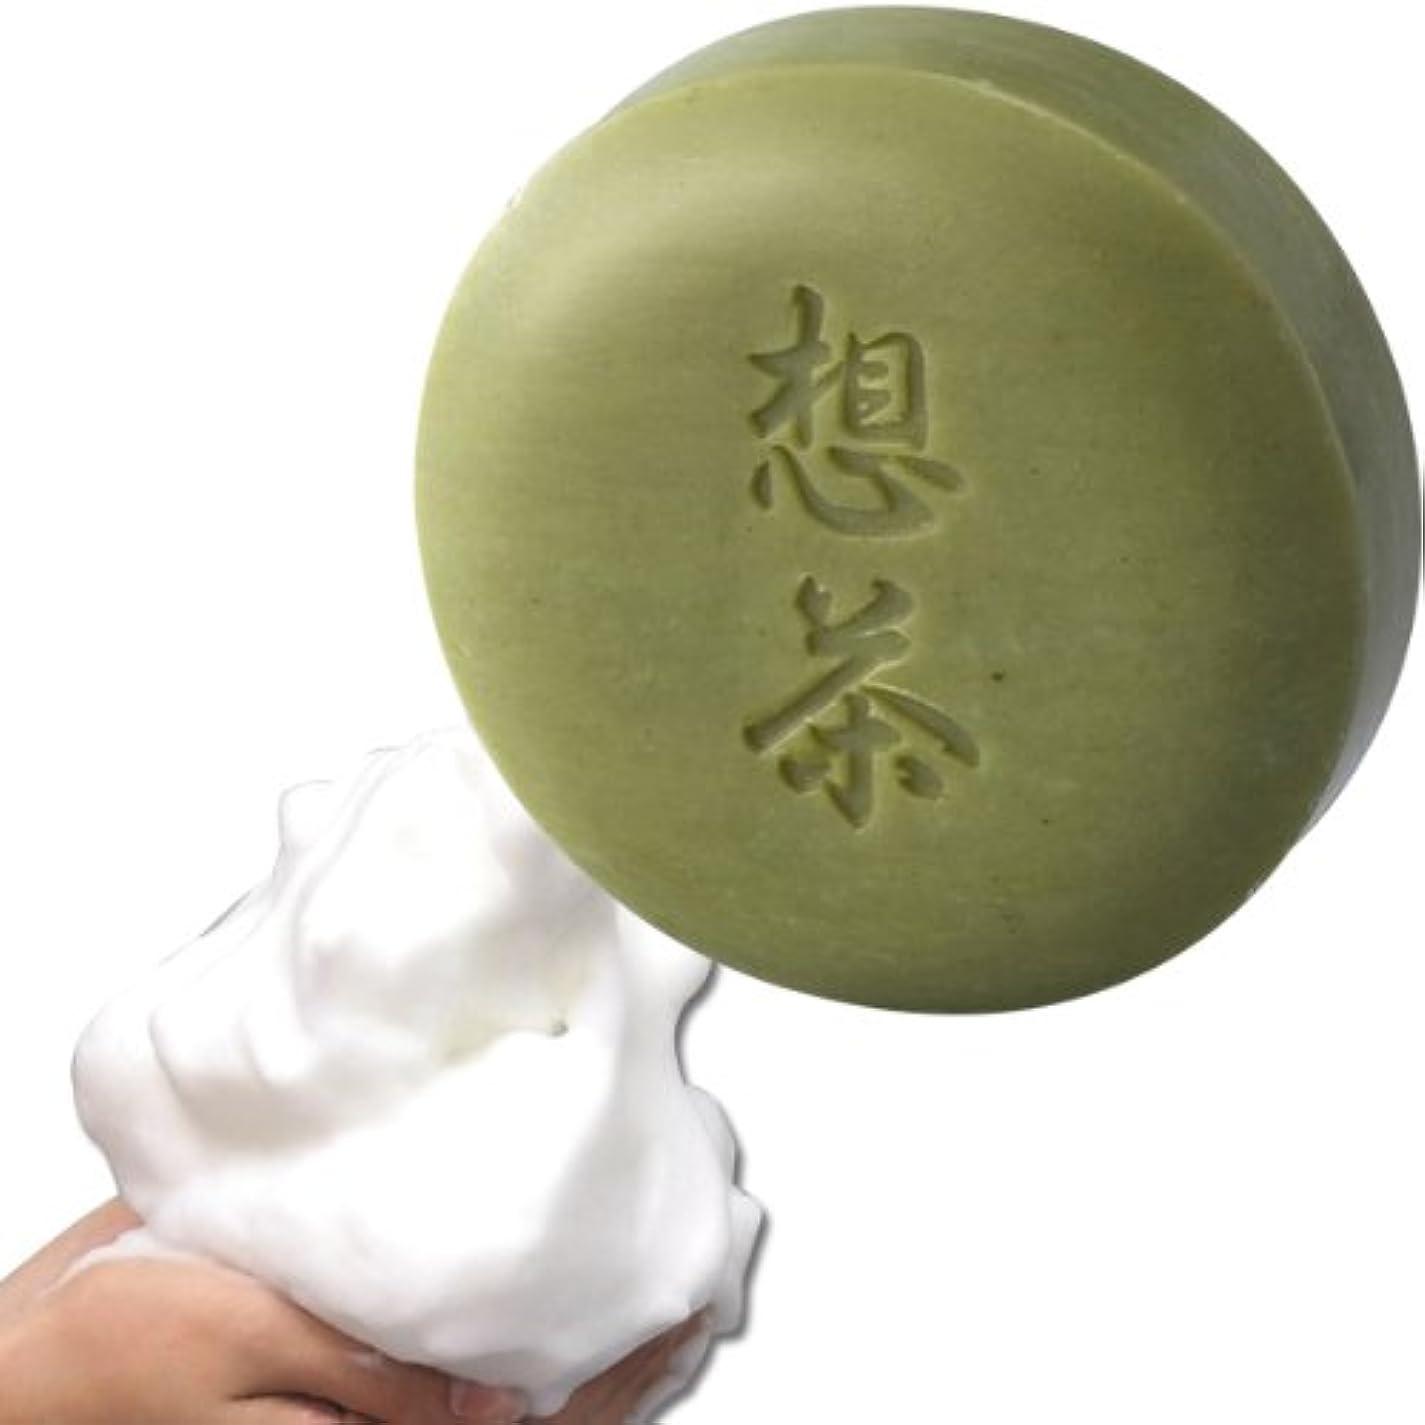 影響力のある神の再生可能想茶石鹸 100g(お茶屋さんが作ったお茶石鹸)